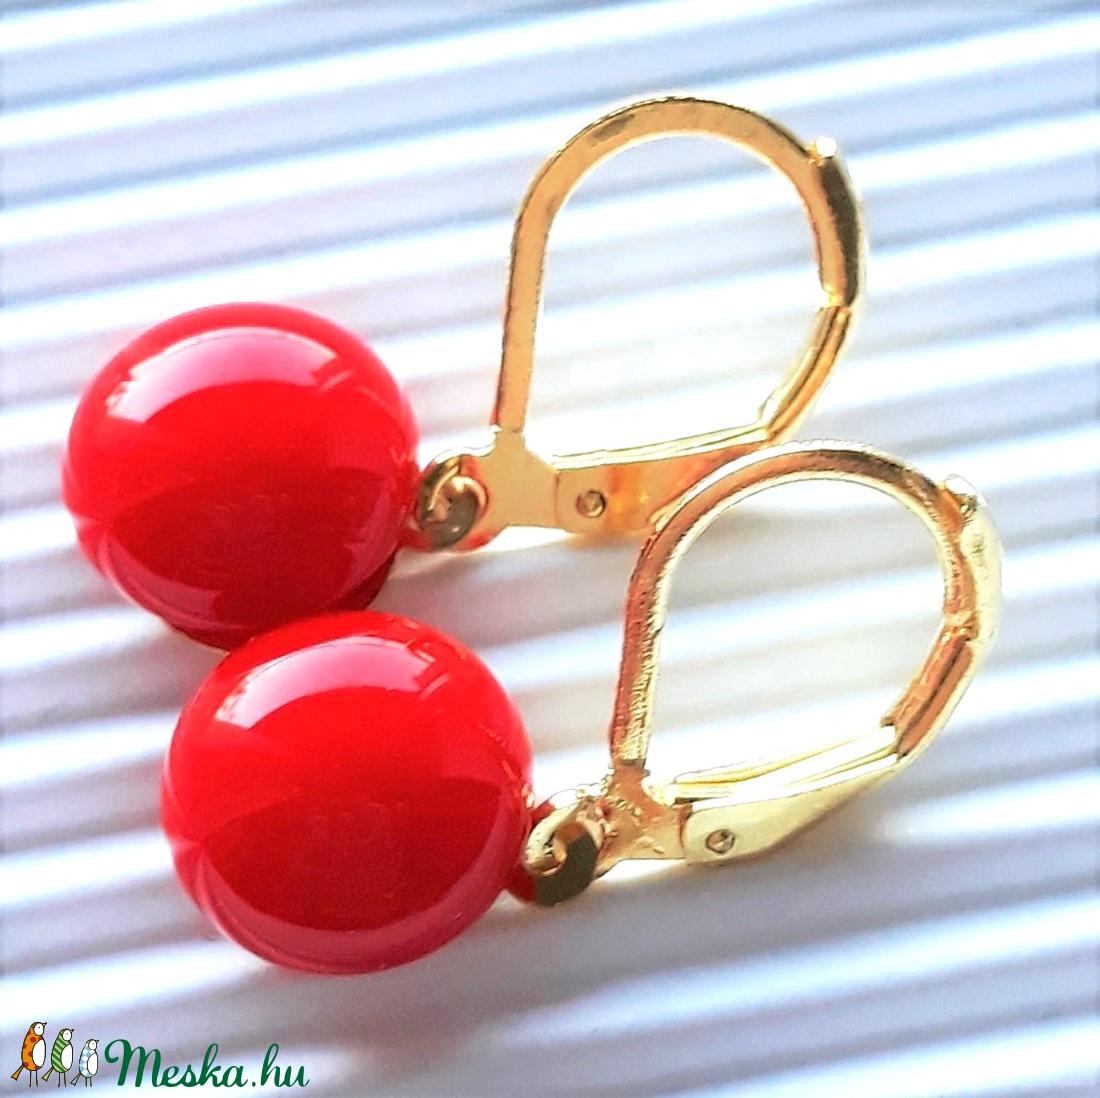 Piros kerek üveg fülbevaló arany színű franciakapcsos akasztón, üvegékszer, minimal ékszer - ékszer - fülbevaló - lógós kerek fülbevaló - Meska.hu